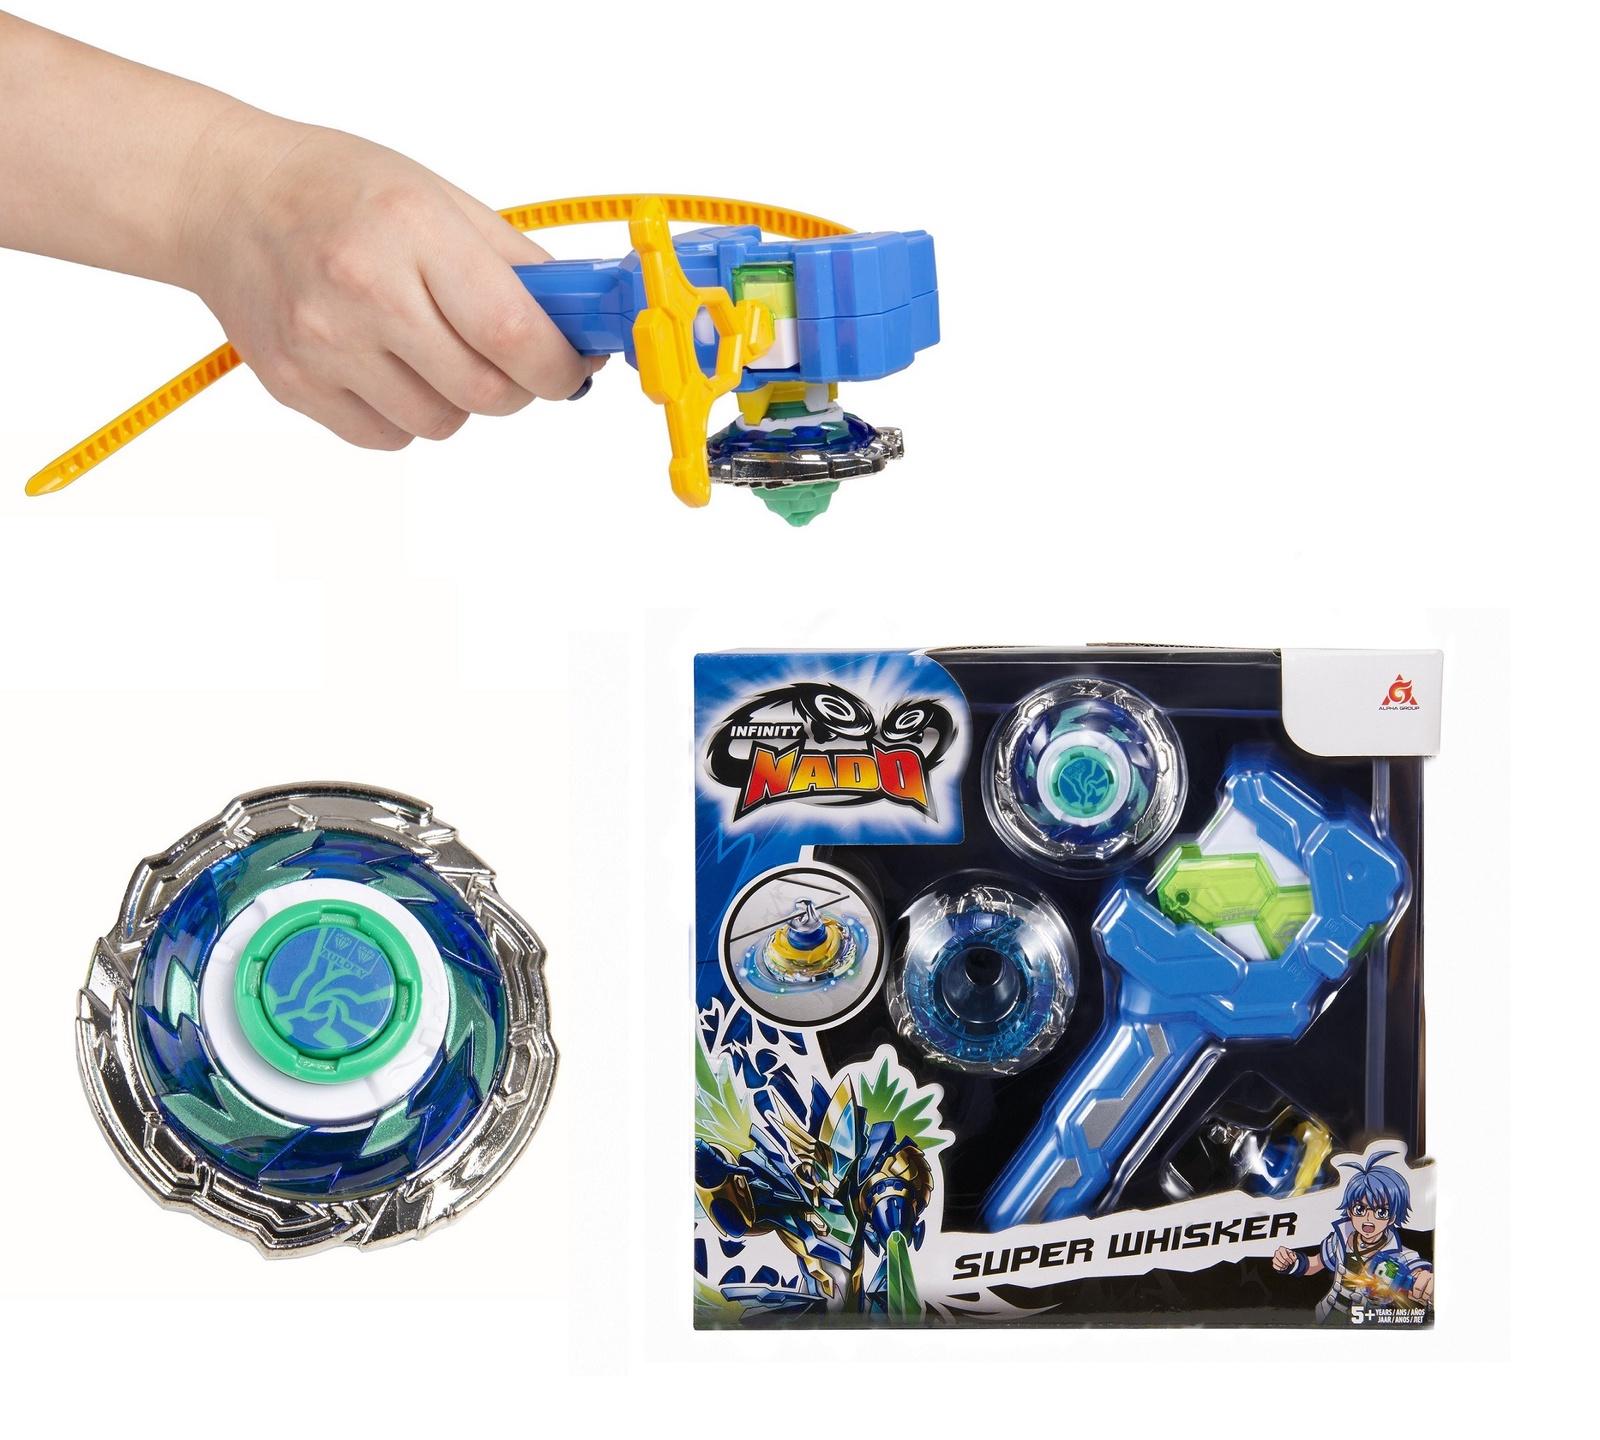 Пусковая игрушка Инфинити Надо Волчок Super Whisker, серия Атлетик